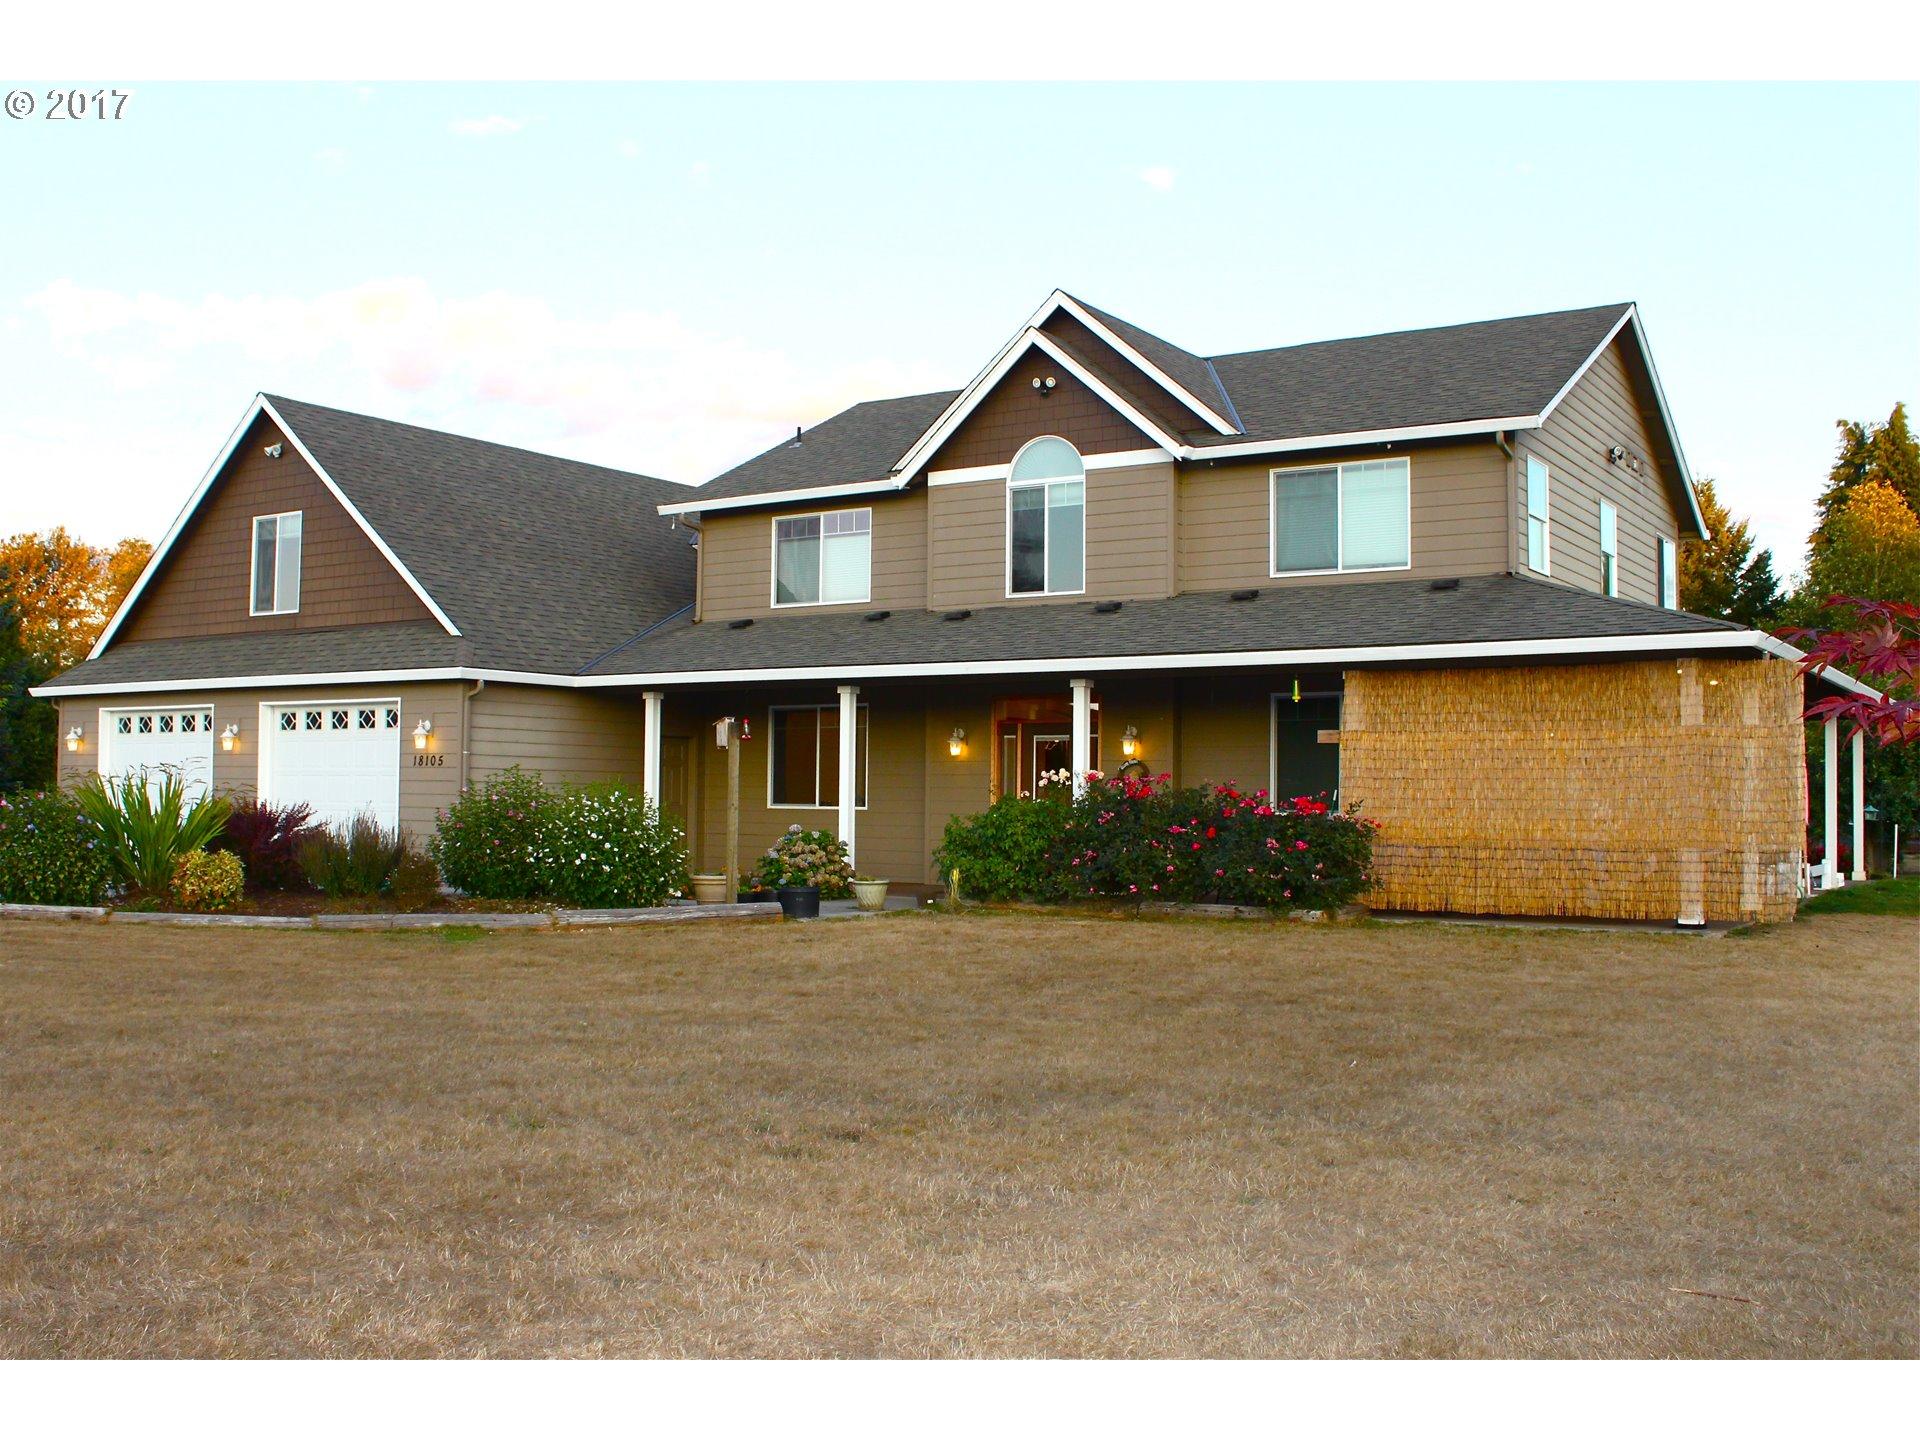 18105 NE 204TH AVE, Brush Prairie, WA 98606